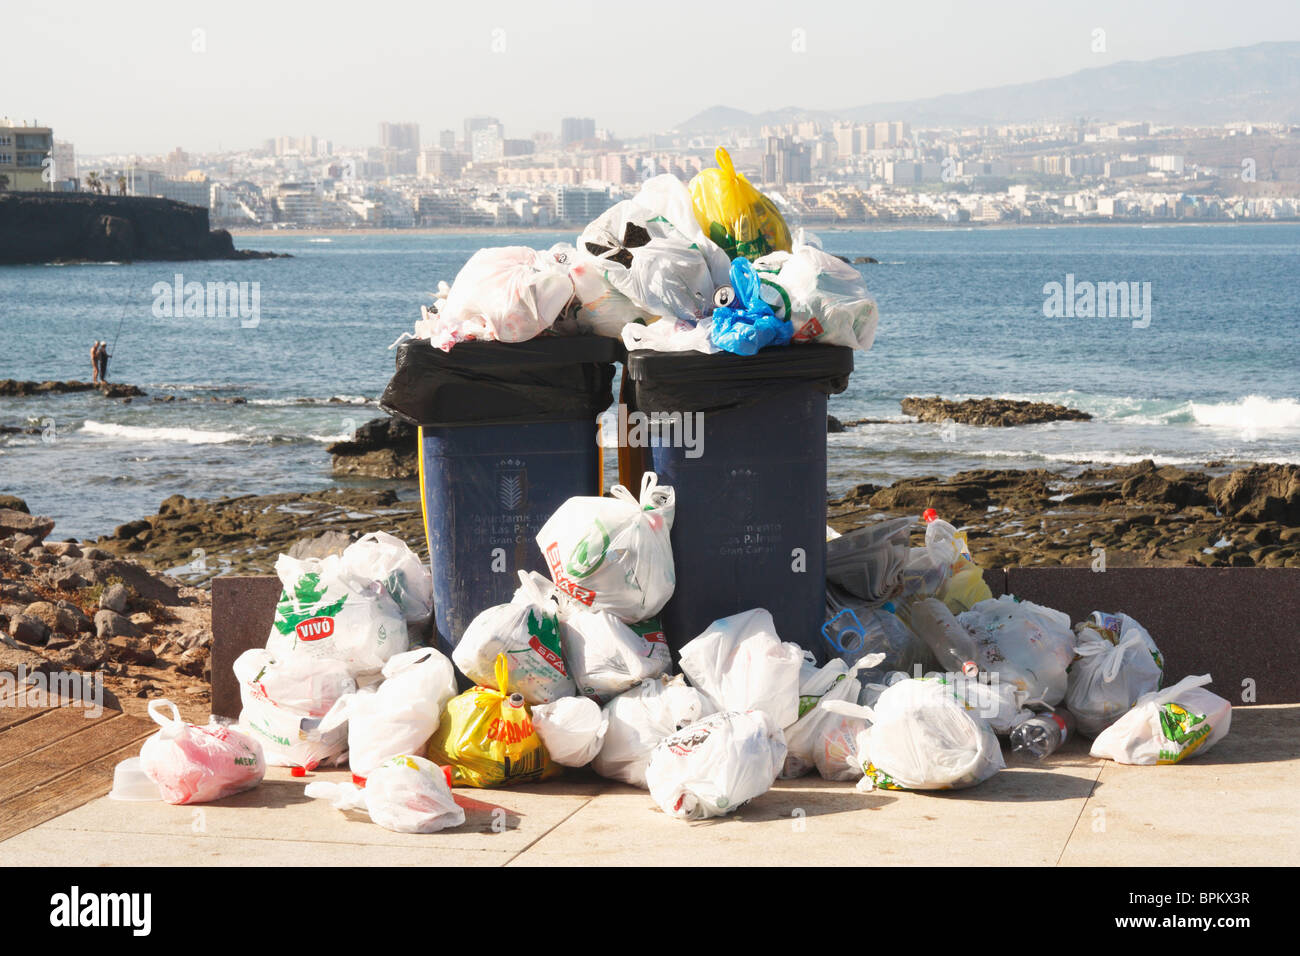 Traboccante scomparti wheelie sulla spiaggia in Spagna Immagini Stock